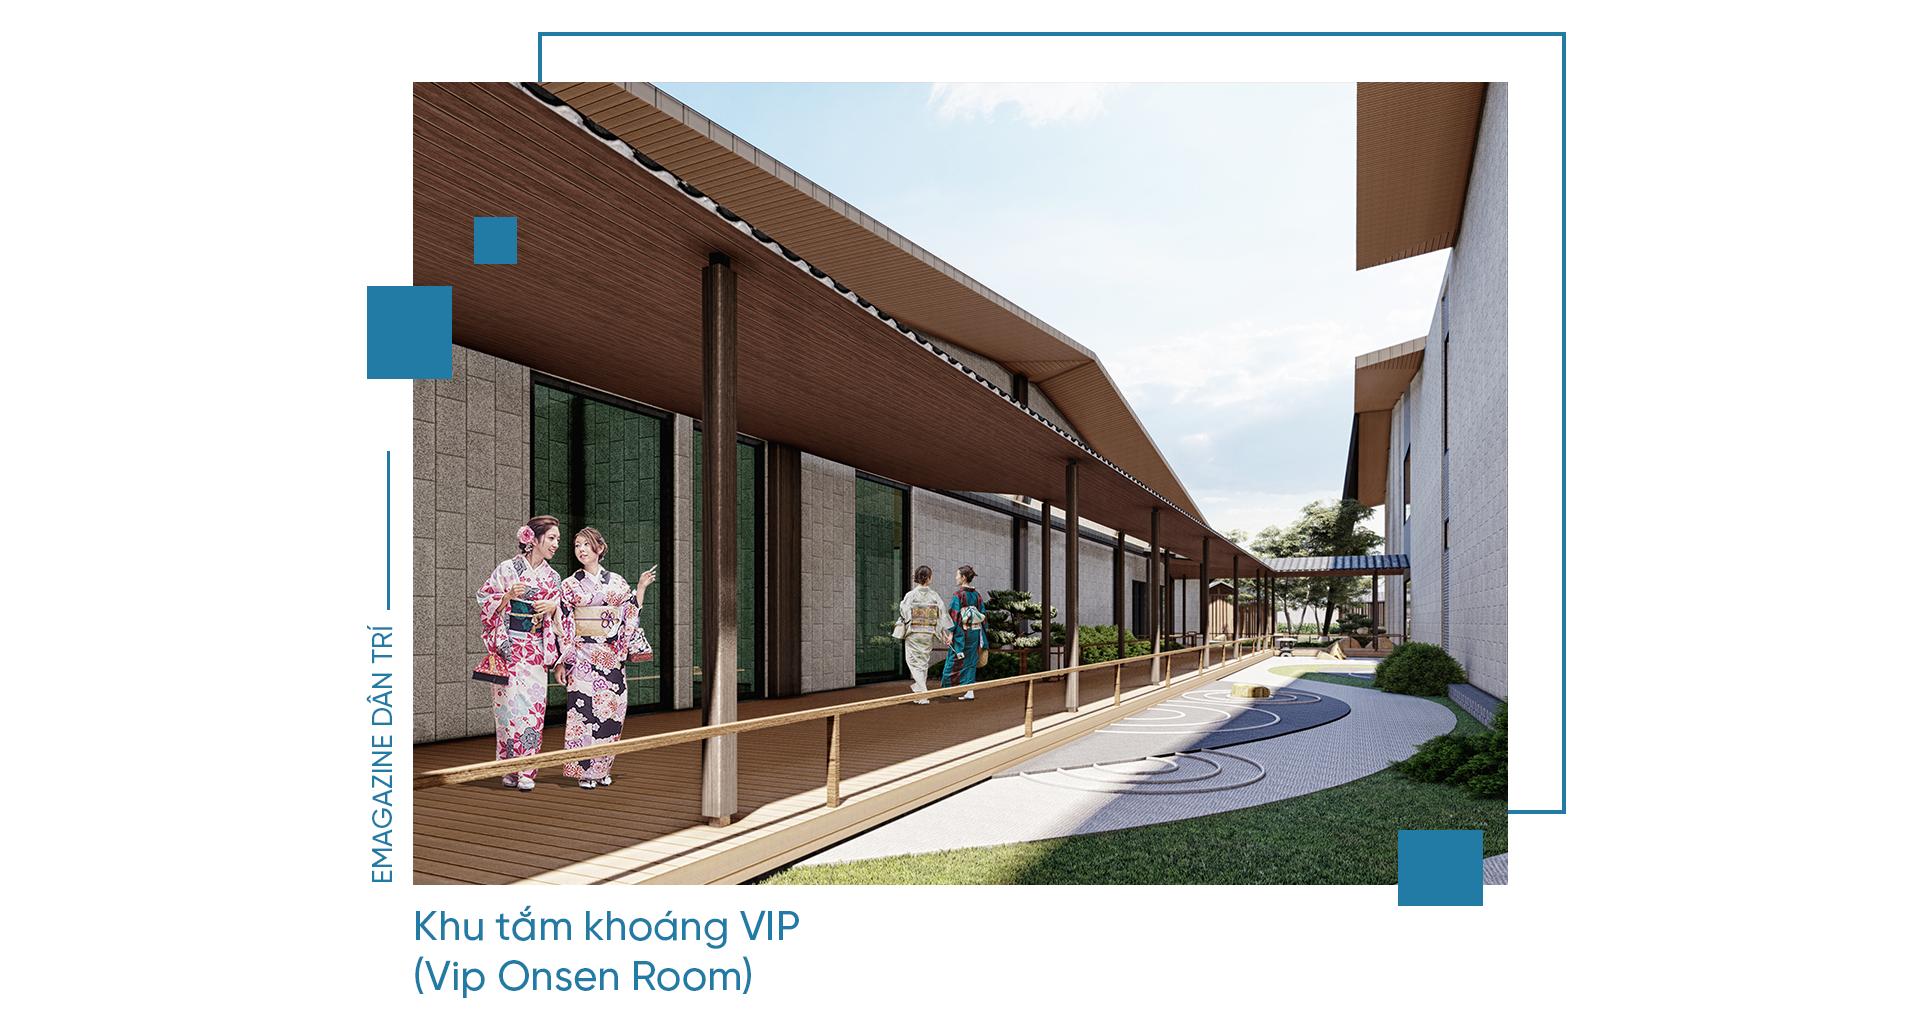 Ra mắt công viên khoáng nóng Onsen Fuji 2ha kế bên Hà Nội - 21